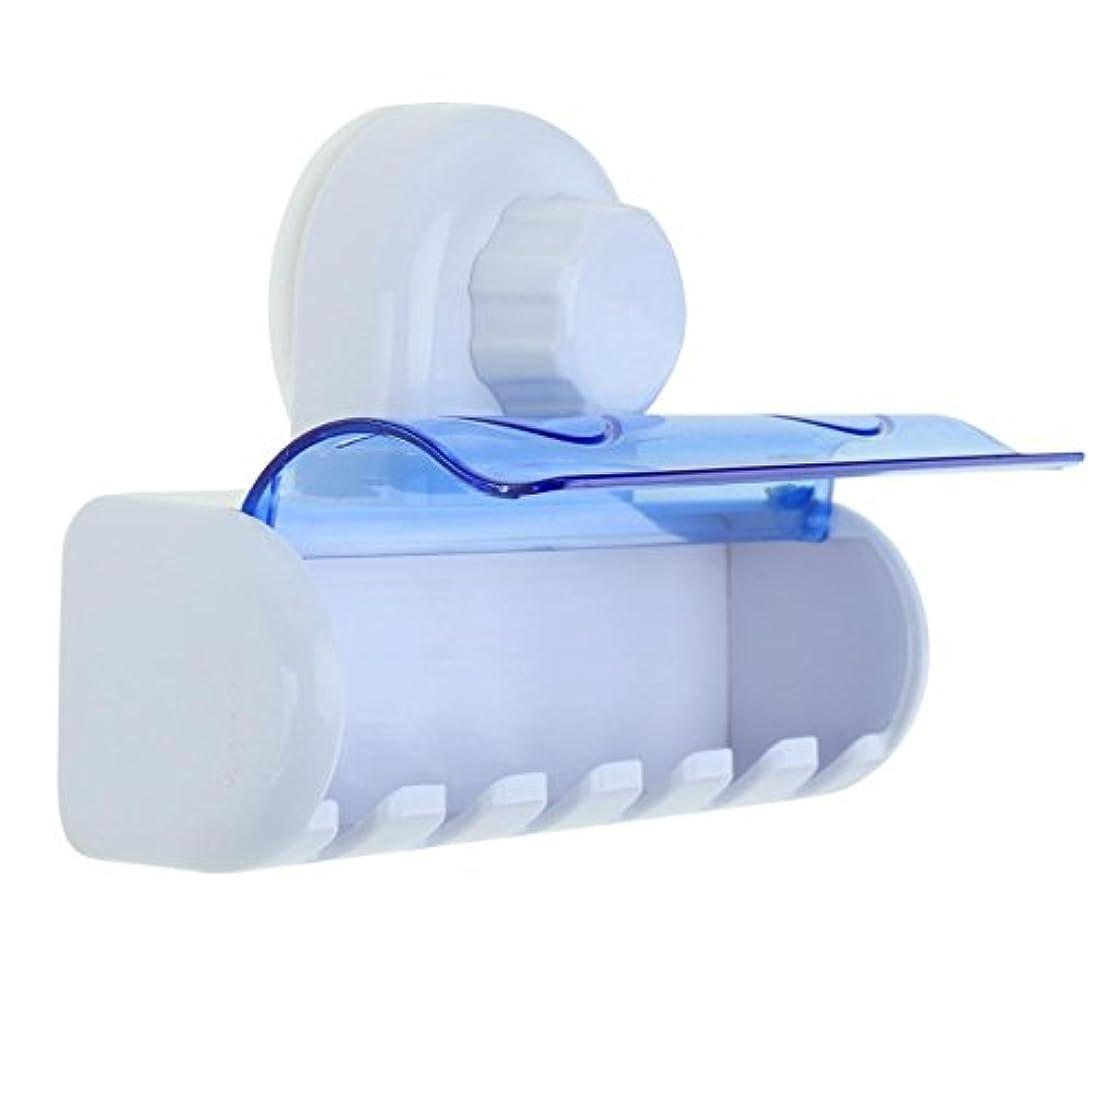 変なオーガニック理想的Demiawaking ブラシ専用 収納ラック 空間活用 ブラシ掛け 歯ブラシ吊り バス用 飾り インテリア用品 滅菌 クリーン